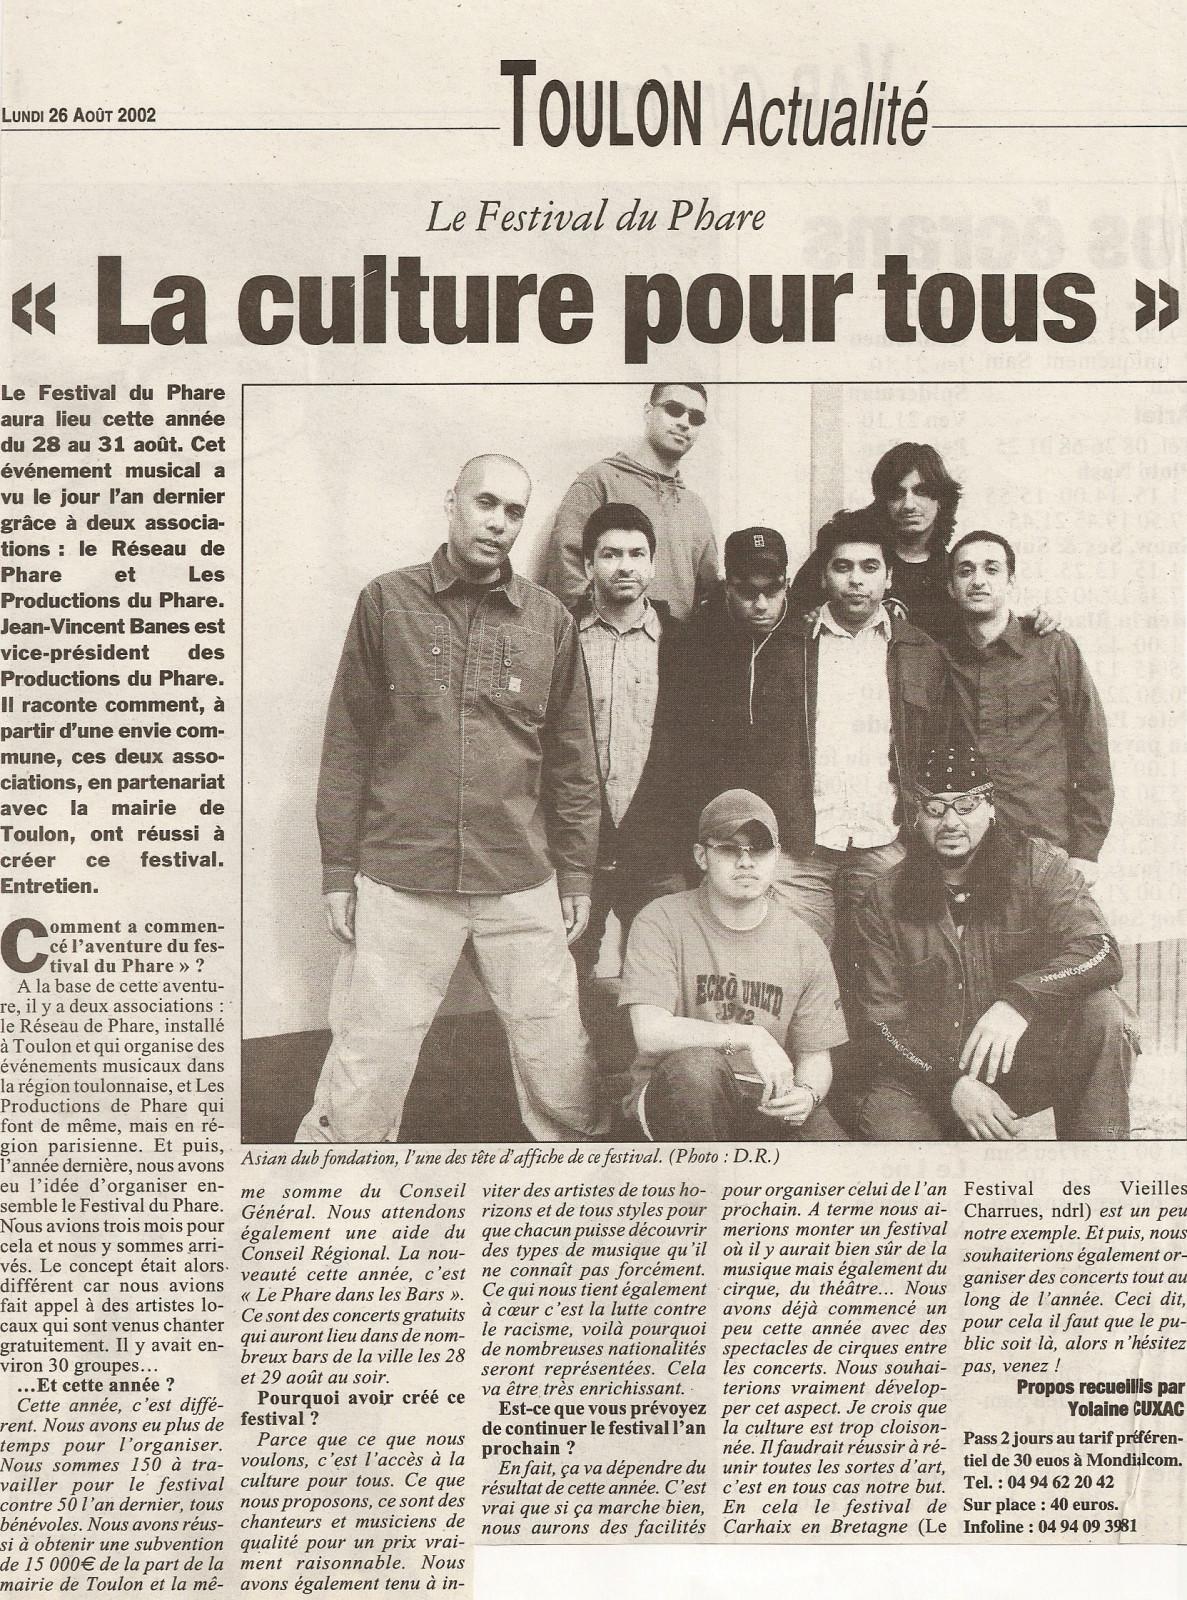 Festival du Phare  | Toulon | 2002 | Revue de presse Festival du Phare  | Toulon | 2002 | Revue de presse var matin la culture poutr